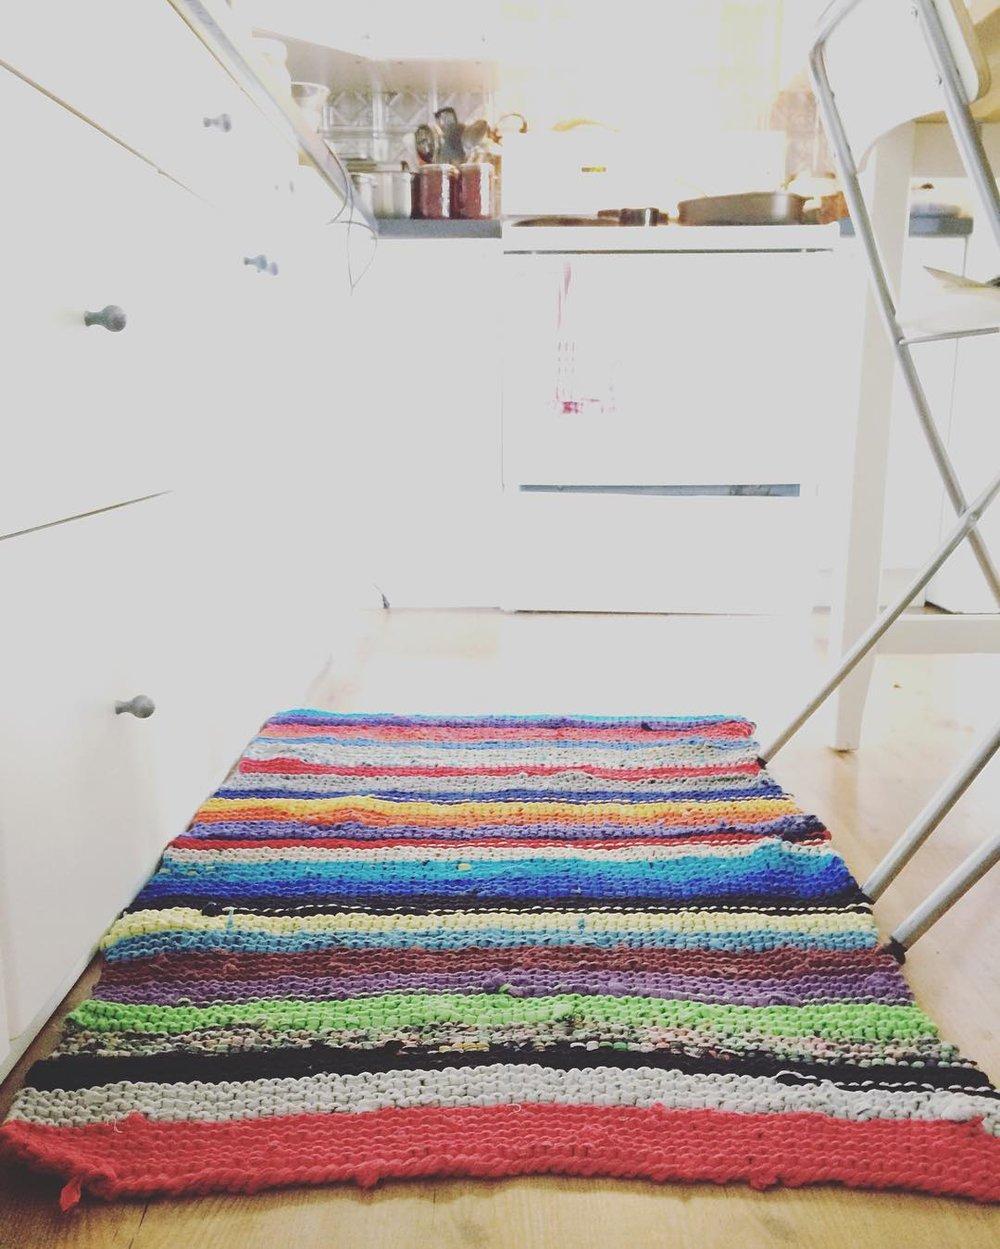 knittedragrug2016.jpg